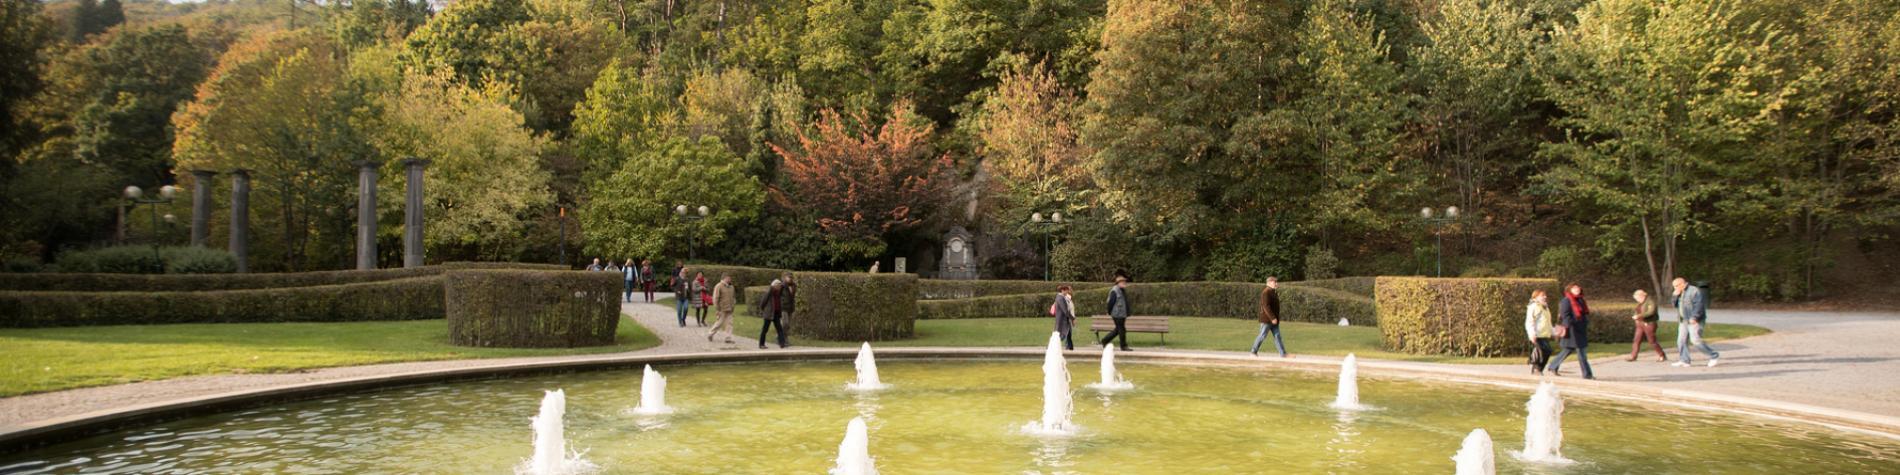 Spa - Parc De Sept Heures